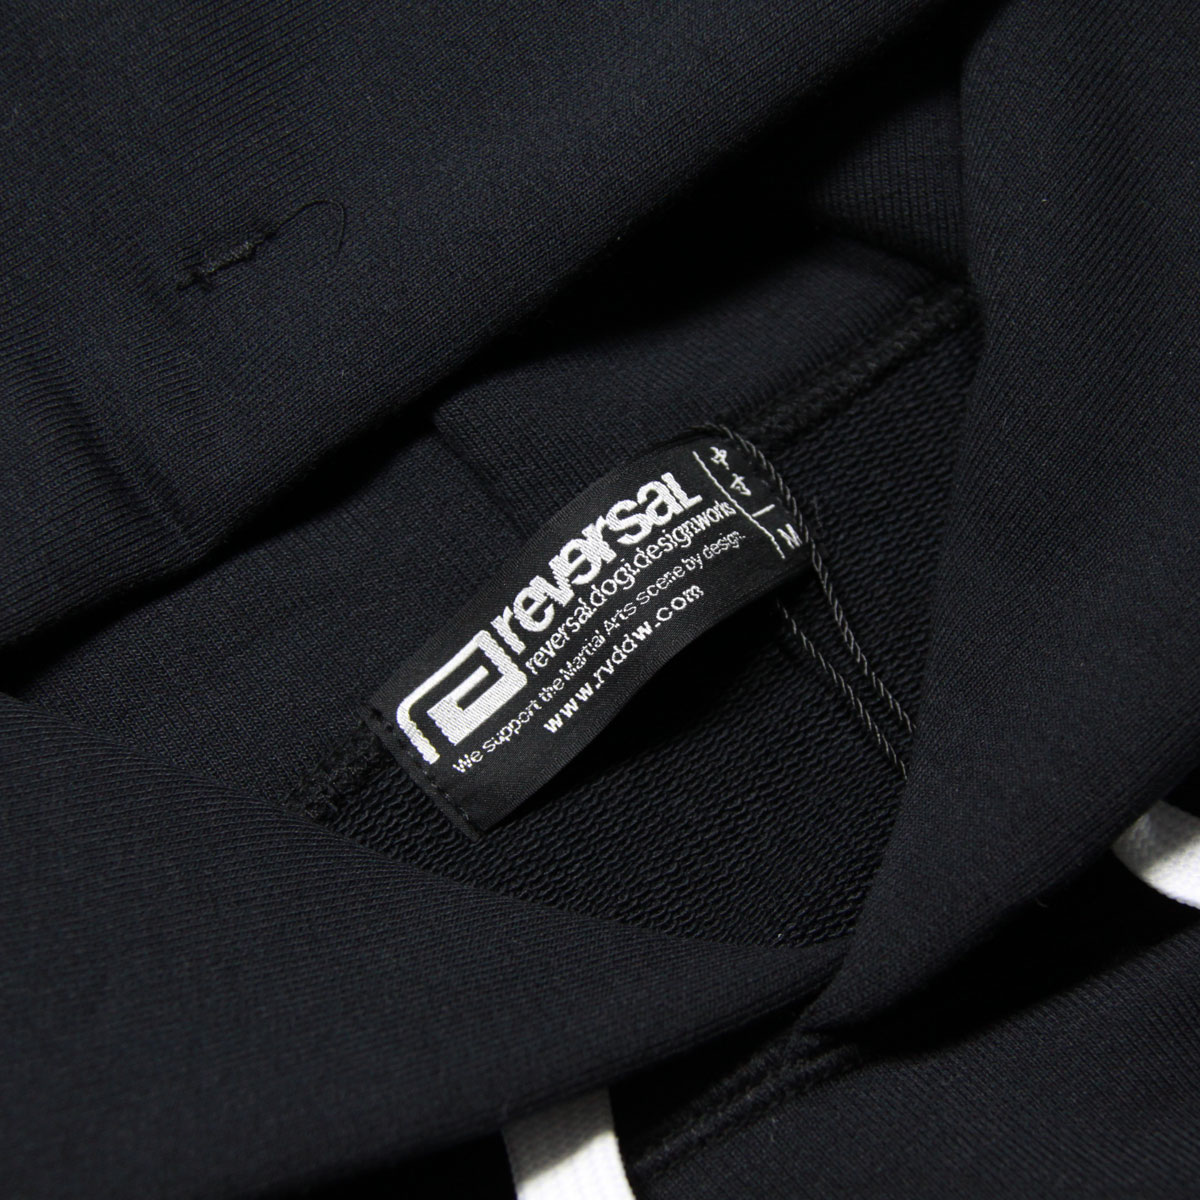 リバーサル パーカー メンズ 正規販売店 REVERSAL ビッグシルエットパーカー プルオーバーパーカー PEs MVS BIG SILHOUETTE PARKA rv21ss201 BLACK A06B B1C C1D D5E E13F